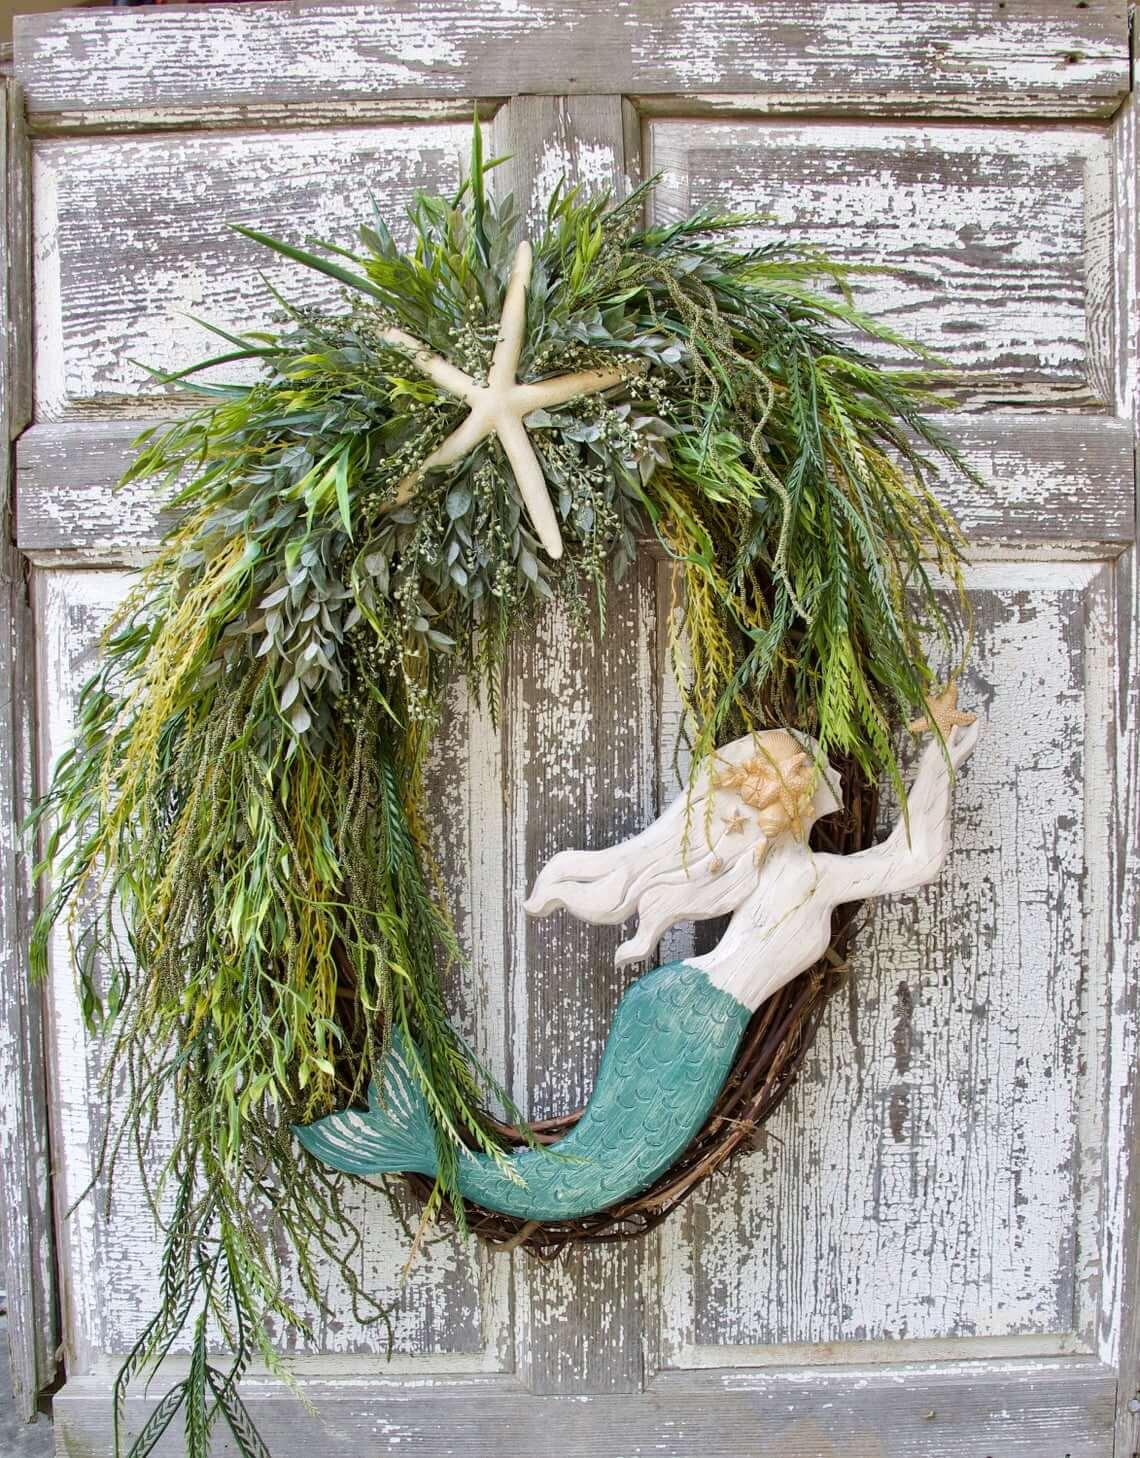 Beautiful Mermaid Queen on the Door